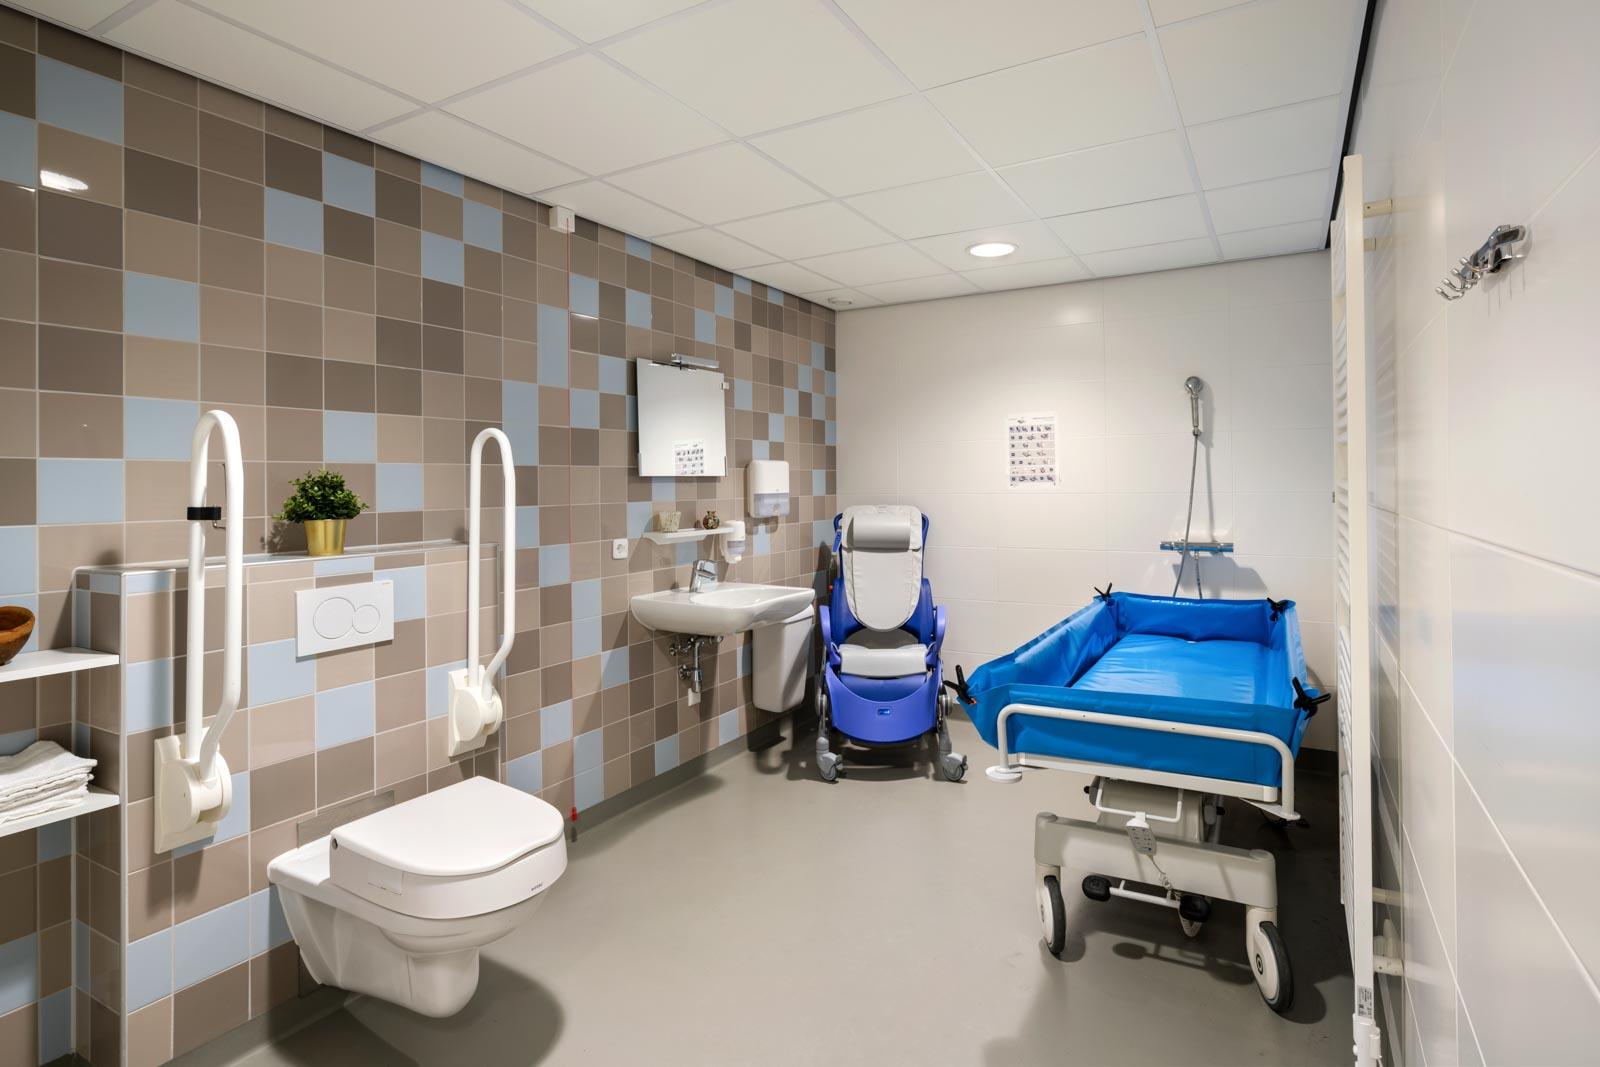 Foto van een badkamer bij SDW Woonlocatie 't Zand